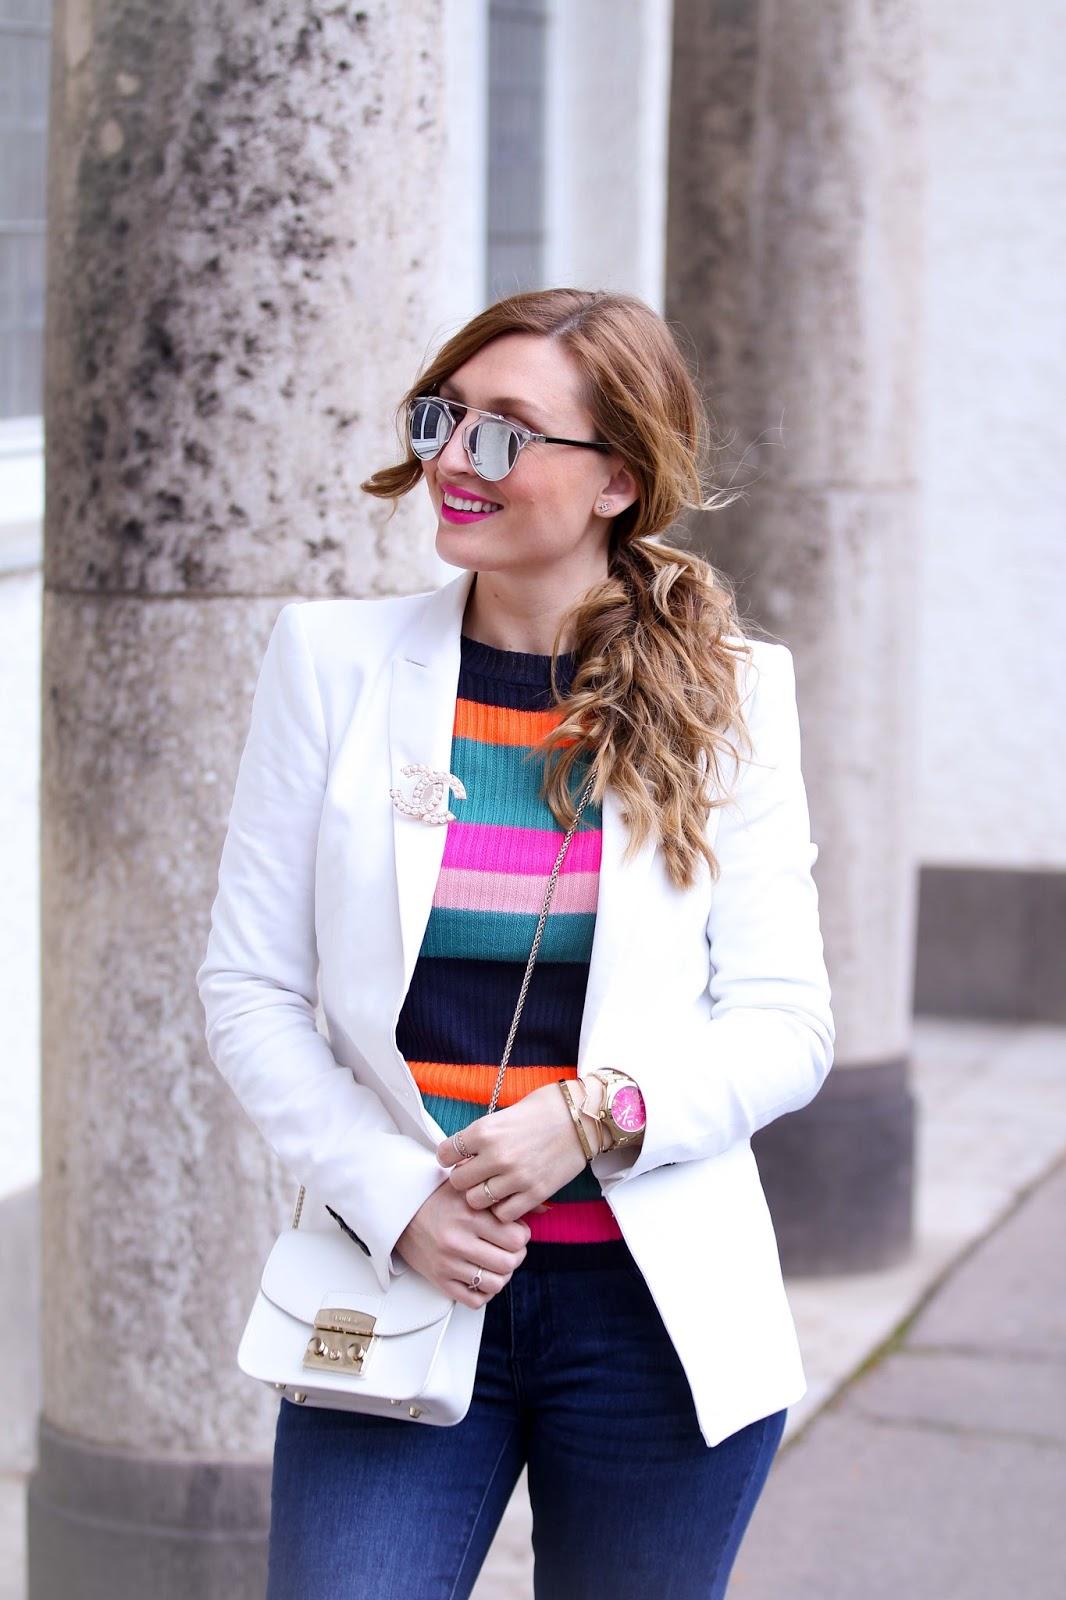 blogger-mit-furla-tasche-fashionstylebyjohanna-dior